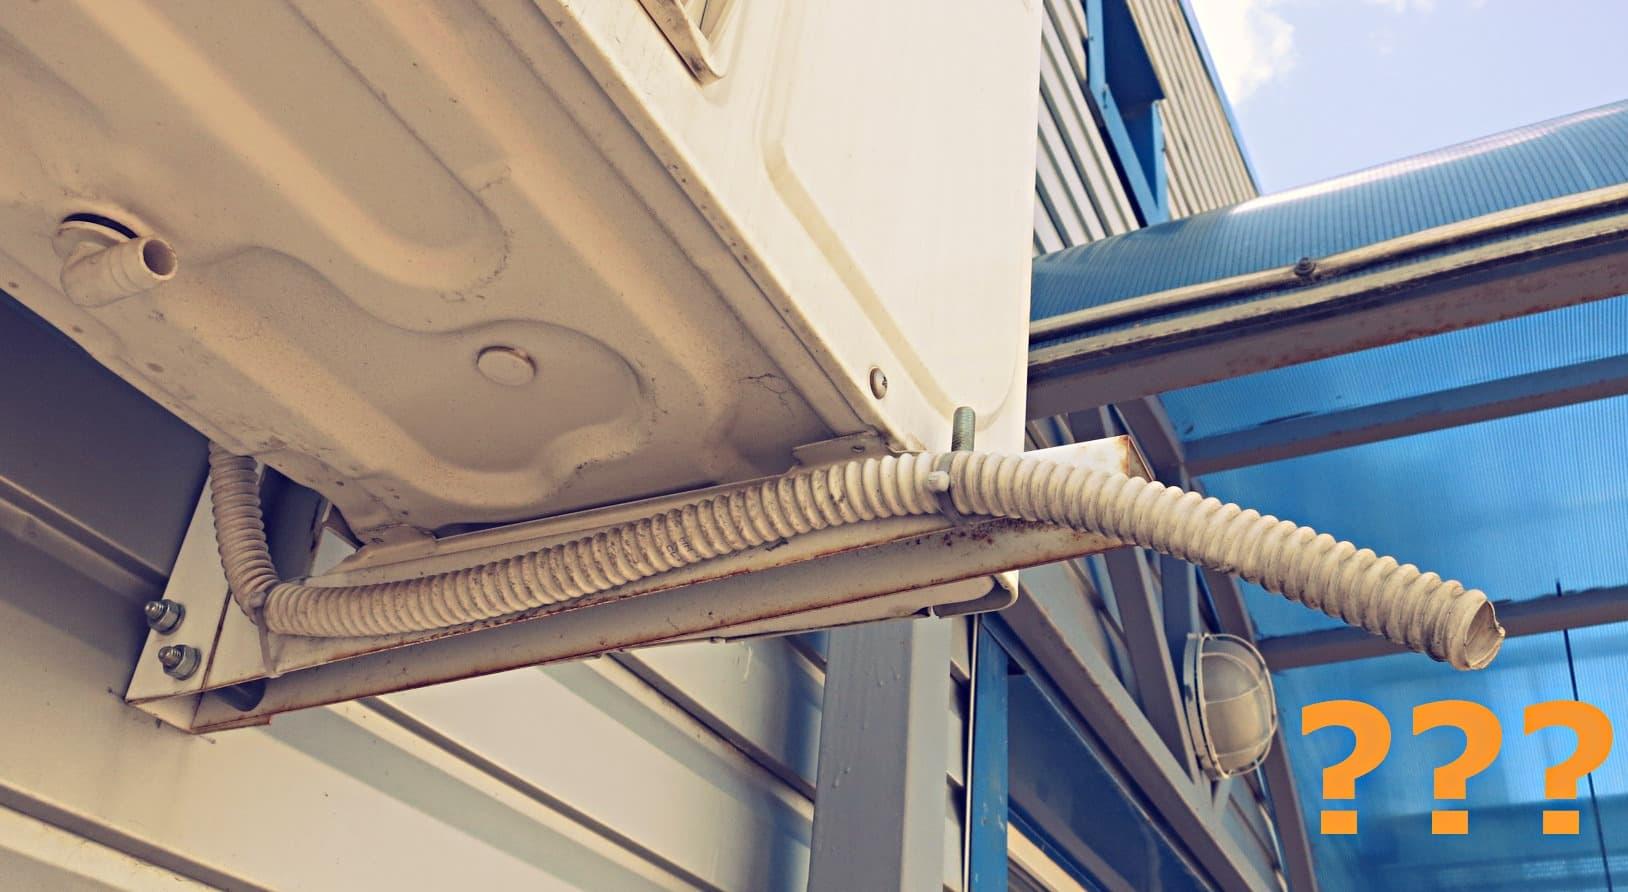 Не капает вода из трубки домашнего кондиционера или сплит-системы